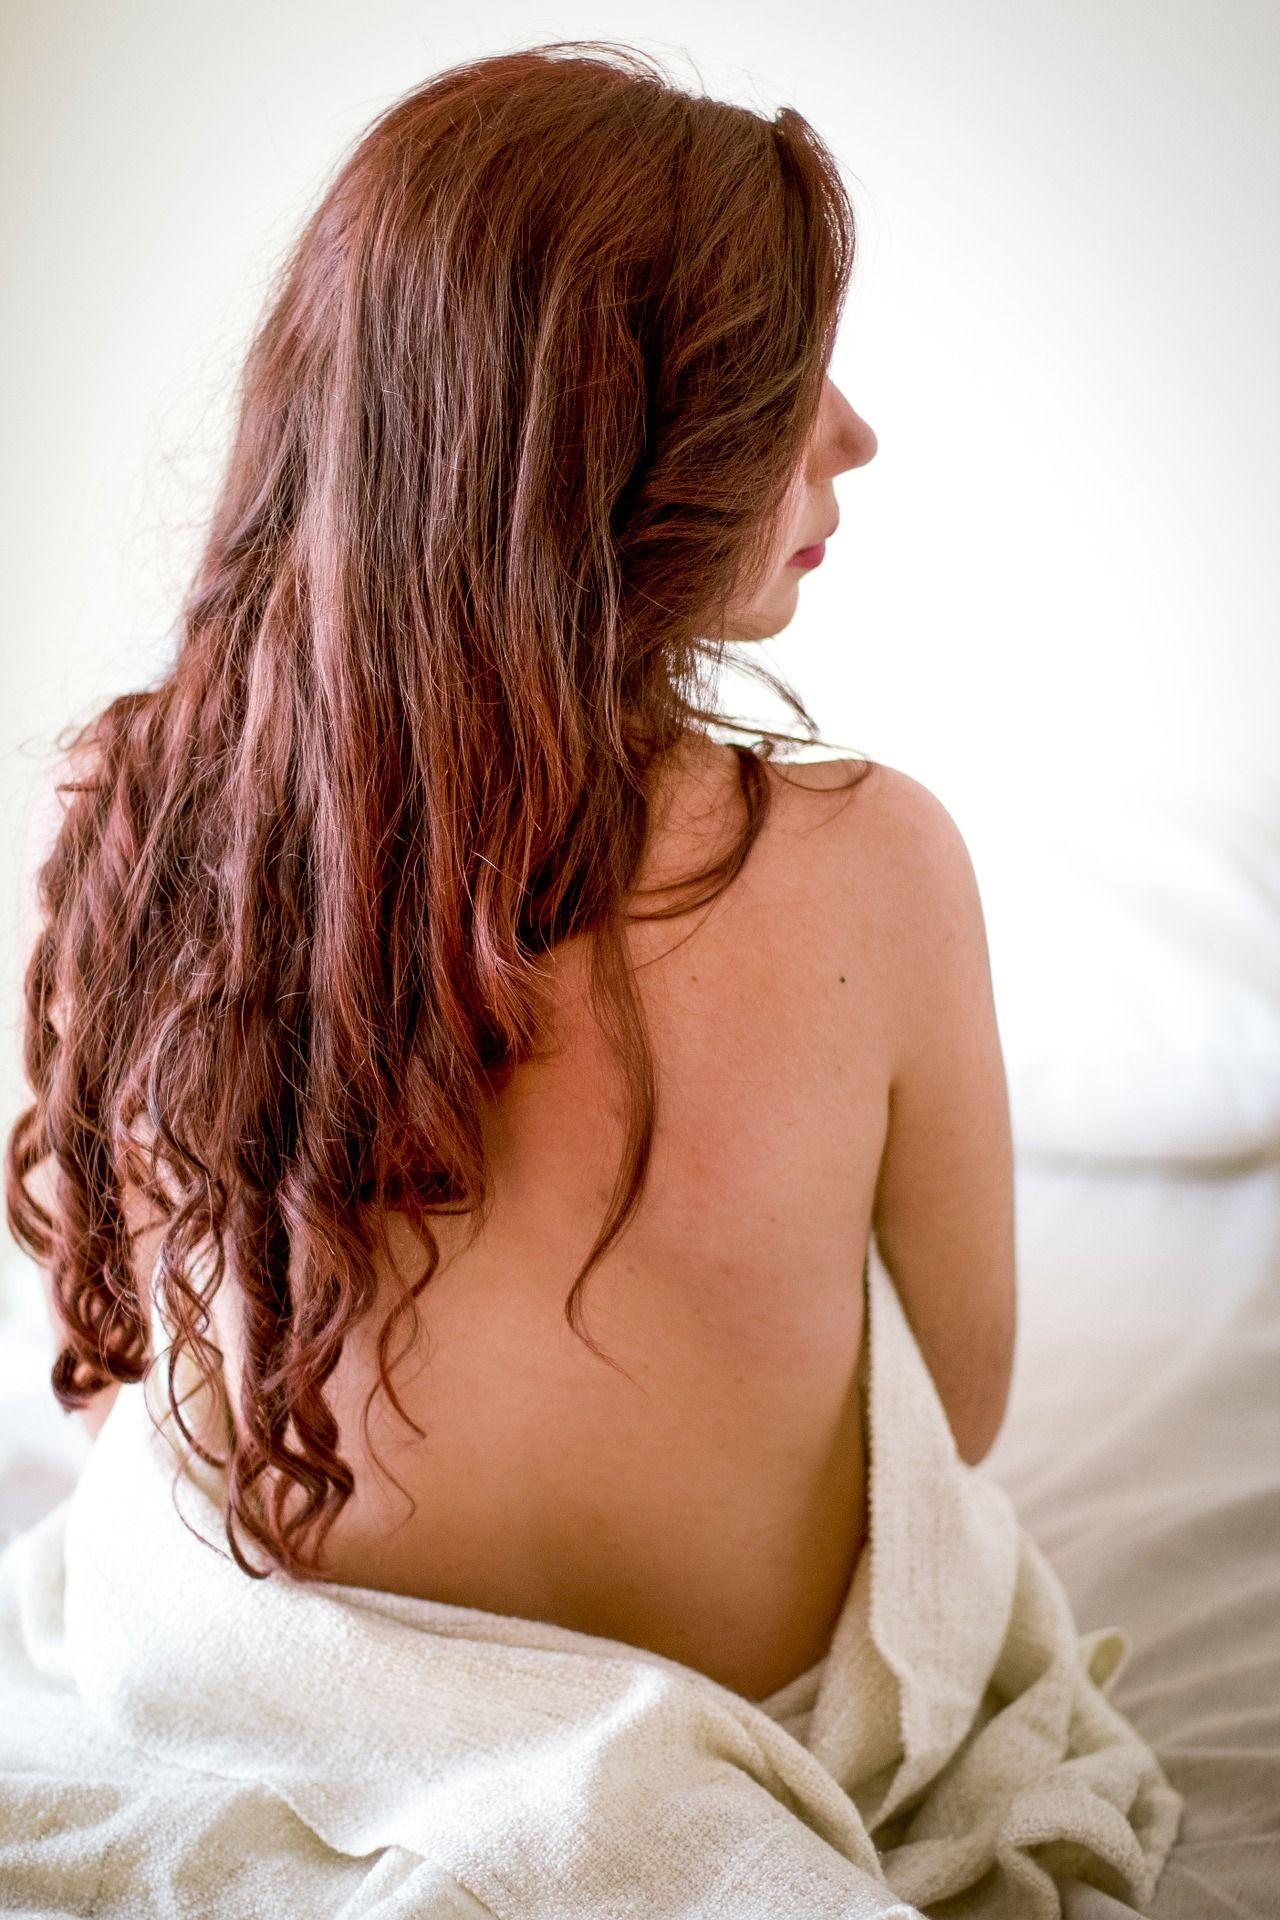 İç çamaşırın zararı ortaya çıktı! Uzmanından çıplak uyuyun önerisi geldi! Yatarken iç çamaşırınızı çıkarın, çünkü... - Sayfa:3